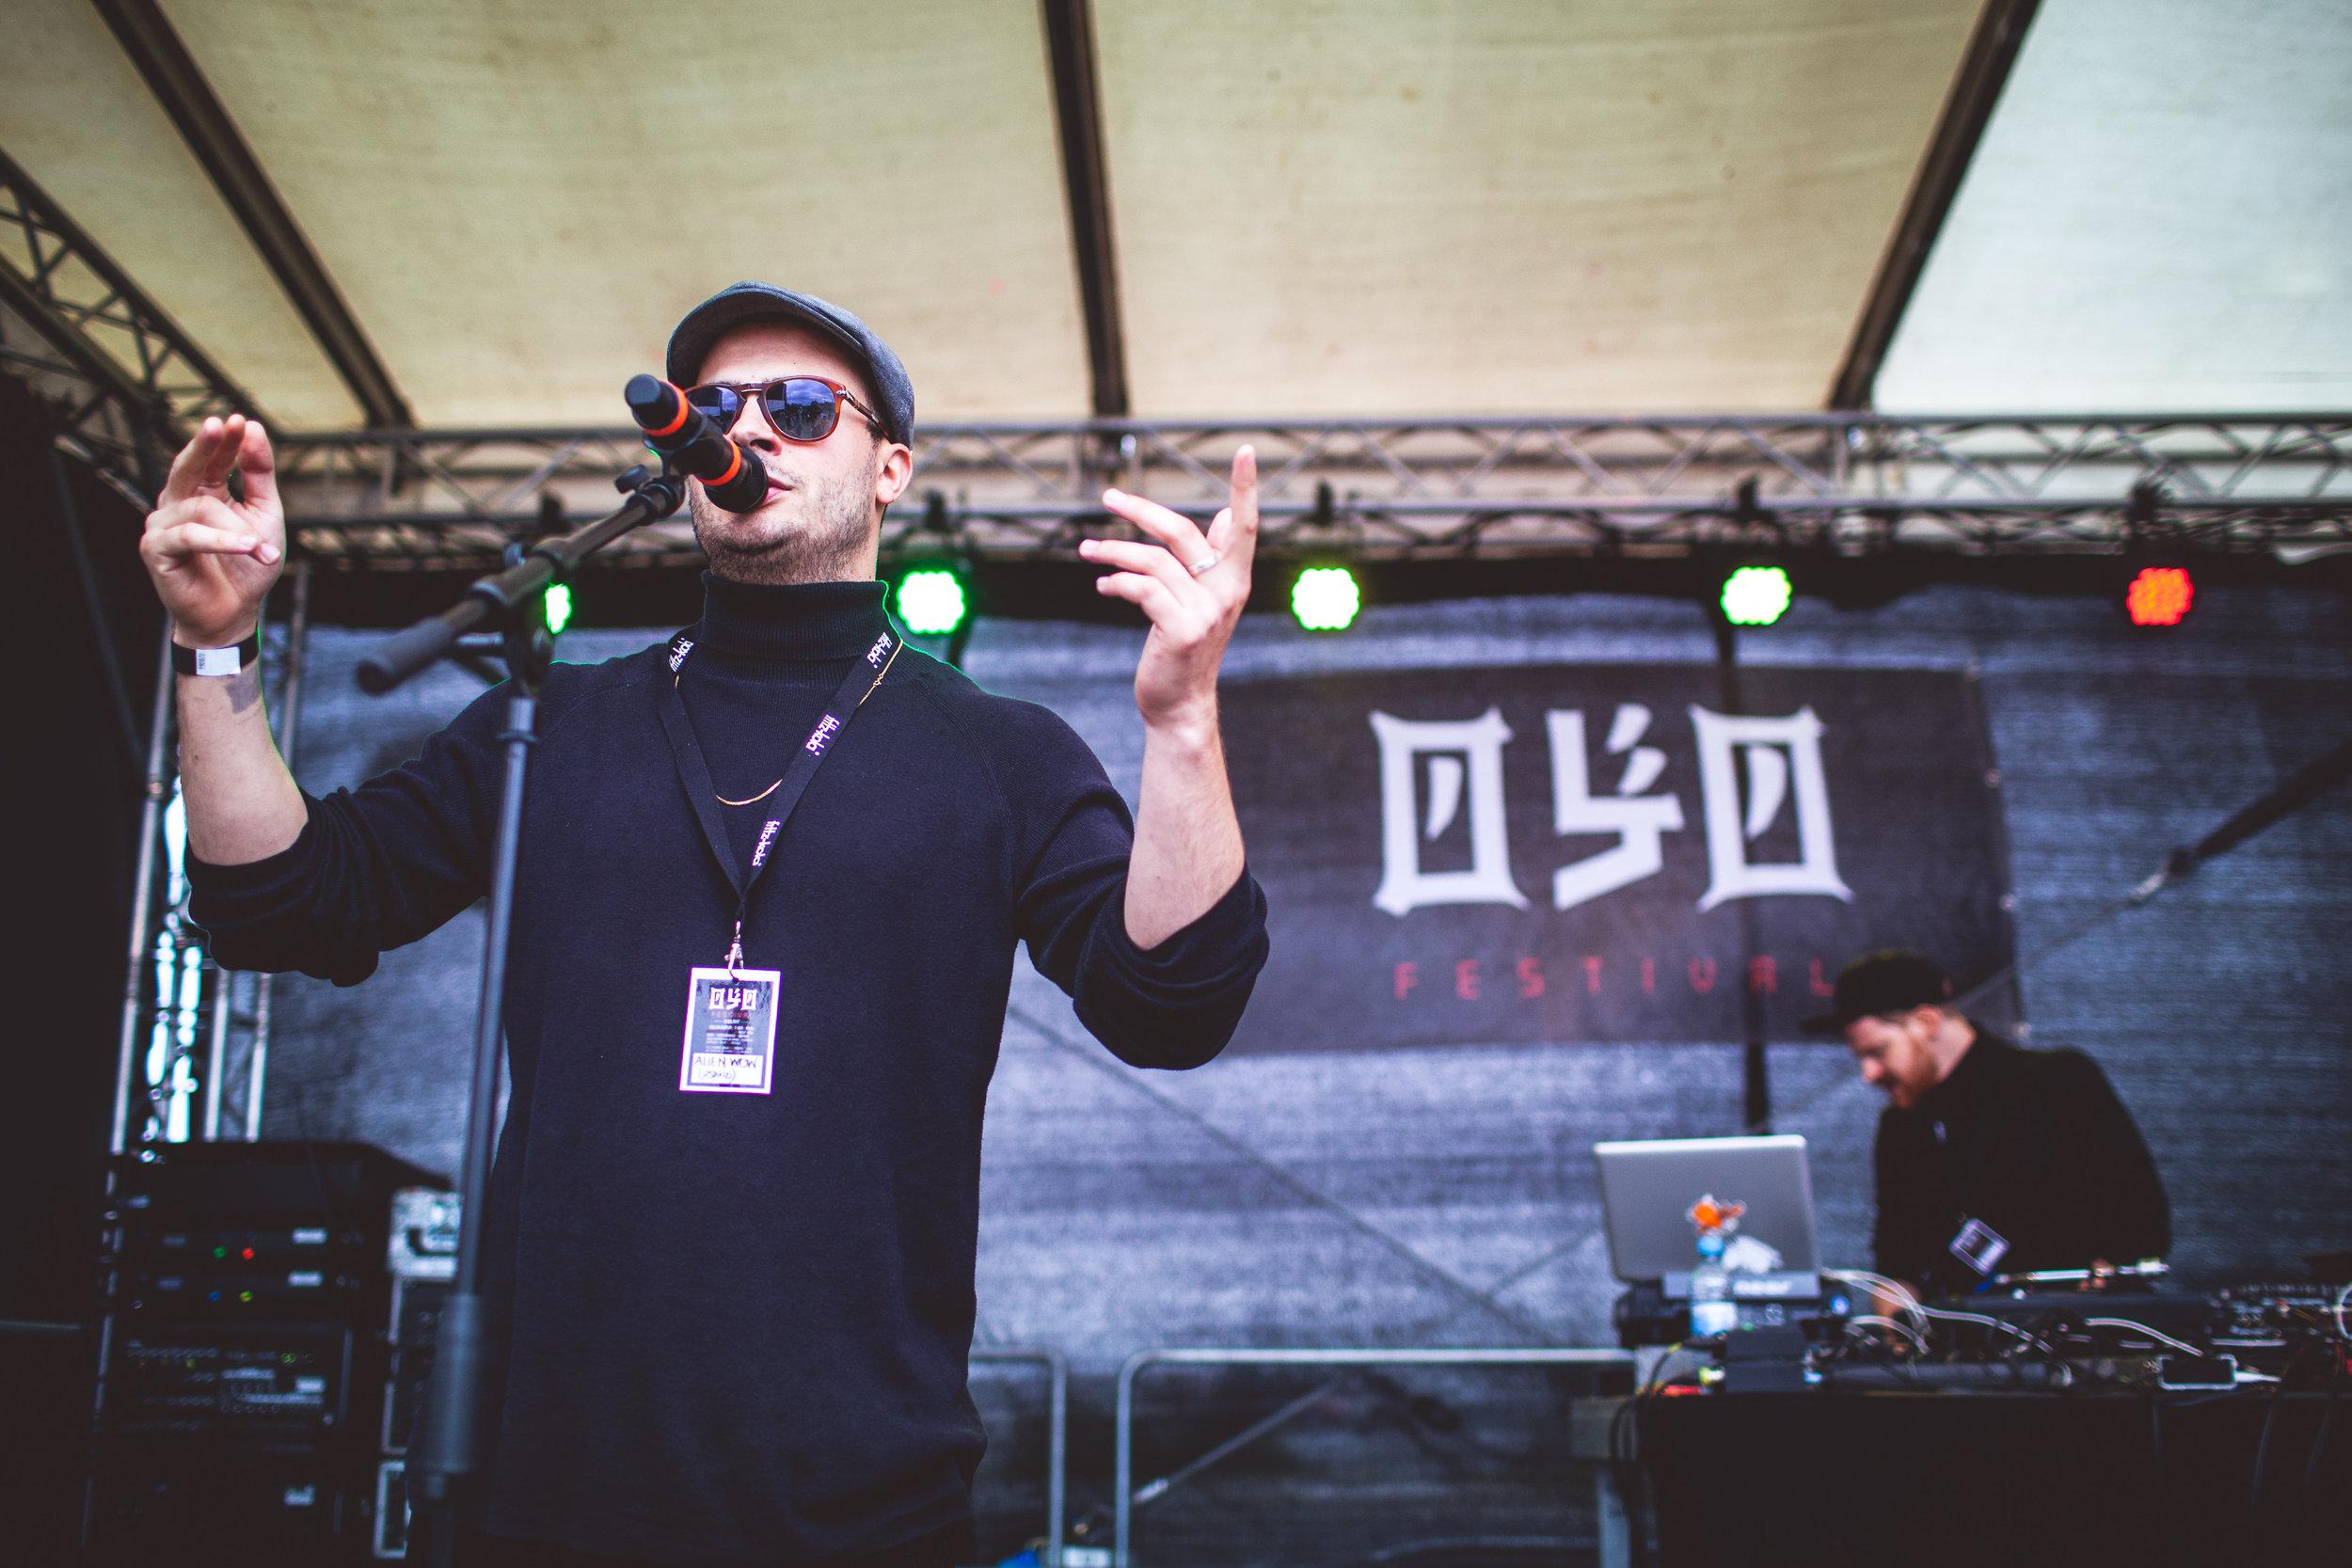 040 Festival 2017-9.jpg